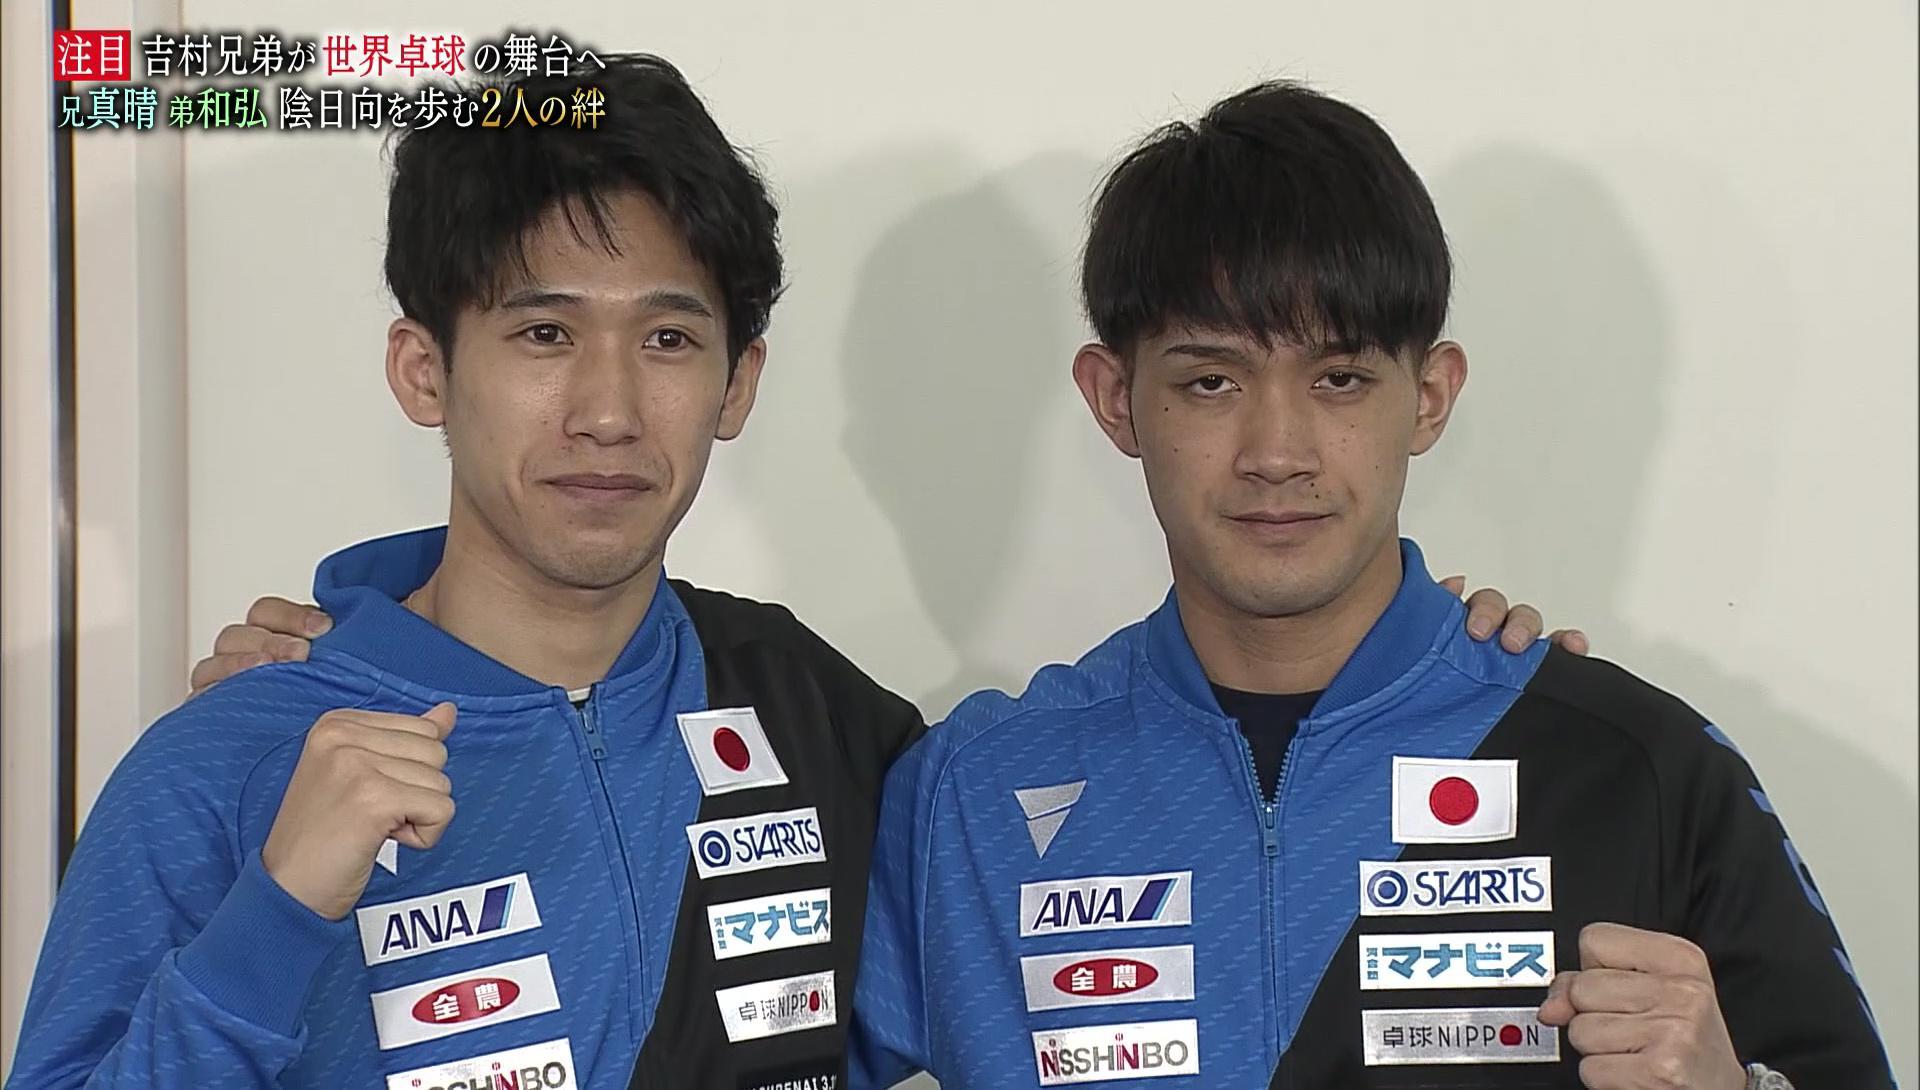 吉村兄弟が世界卓球の舞台へ 兄・真晴、弟・和弘 陰日向を歩む二人の絆